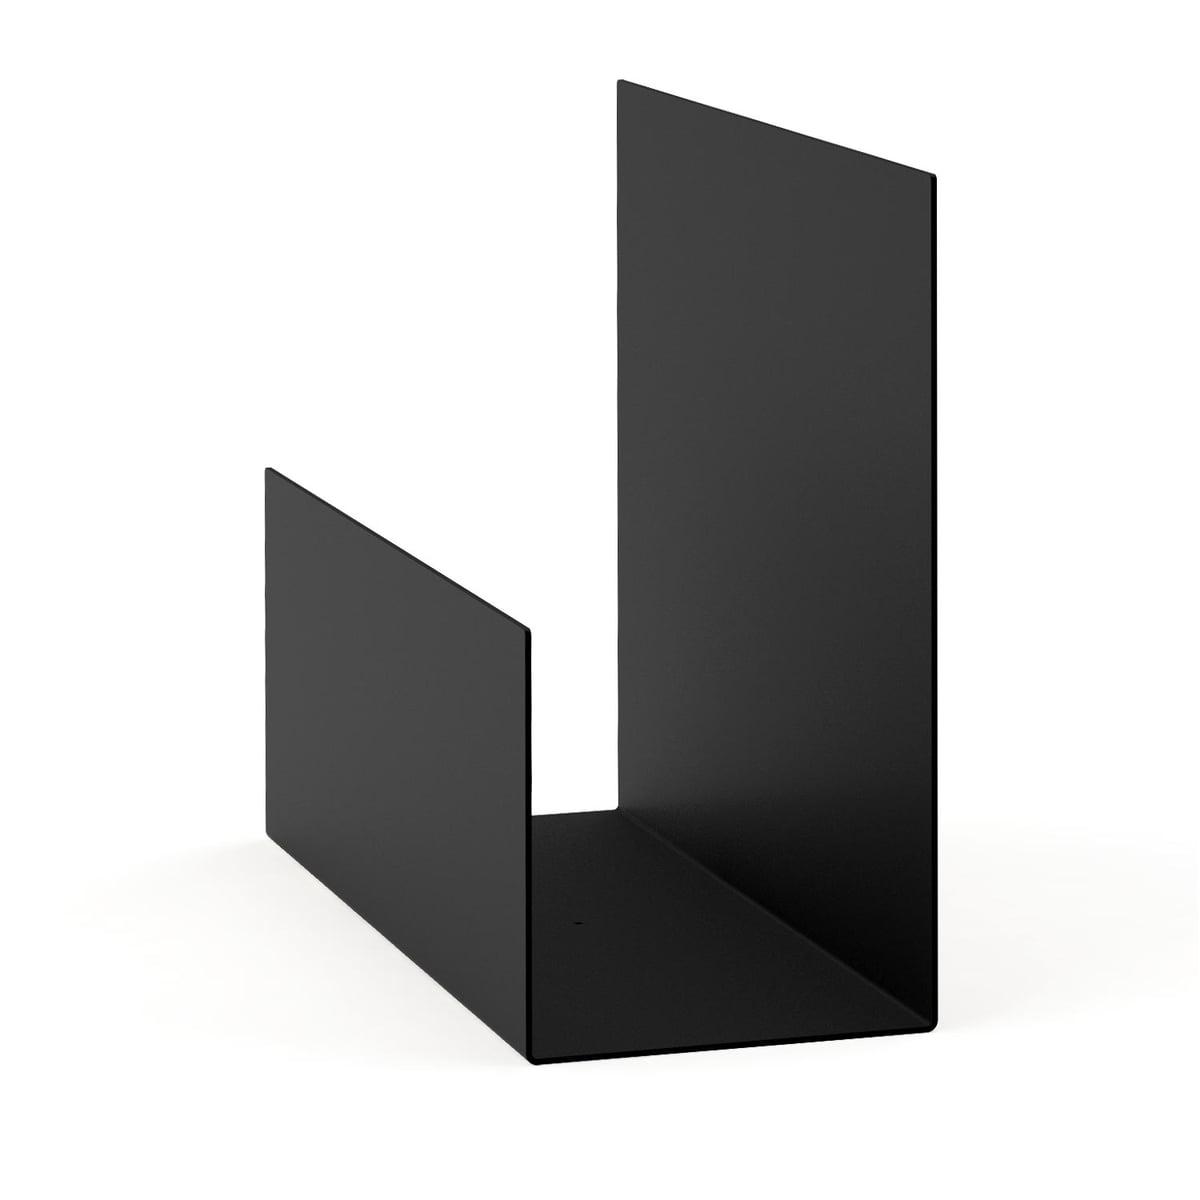 Konstantin Slawinski - El Regalsystem, schwarz | Wohnzimmer > Regale > Regalsysteme | Schwarz | Stahlblech -  pulverbeschichtet | Konstantin Slawinski